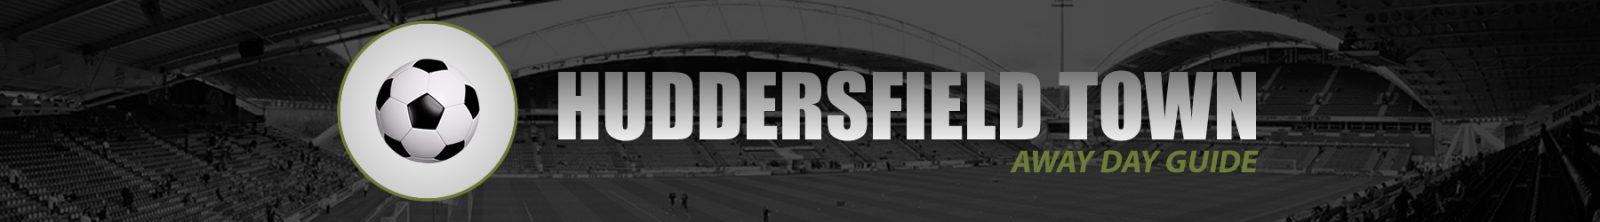 Huddersfield Town Away